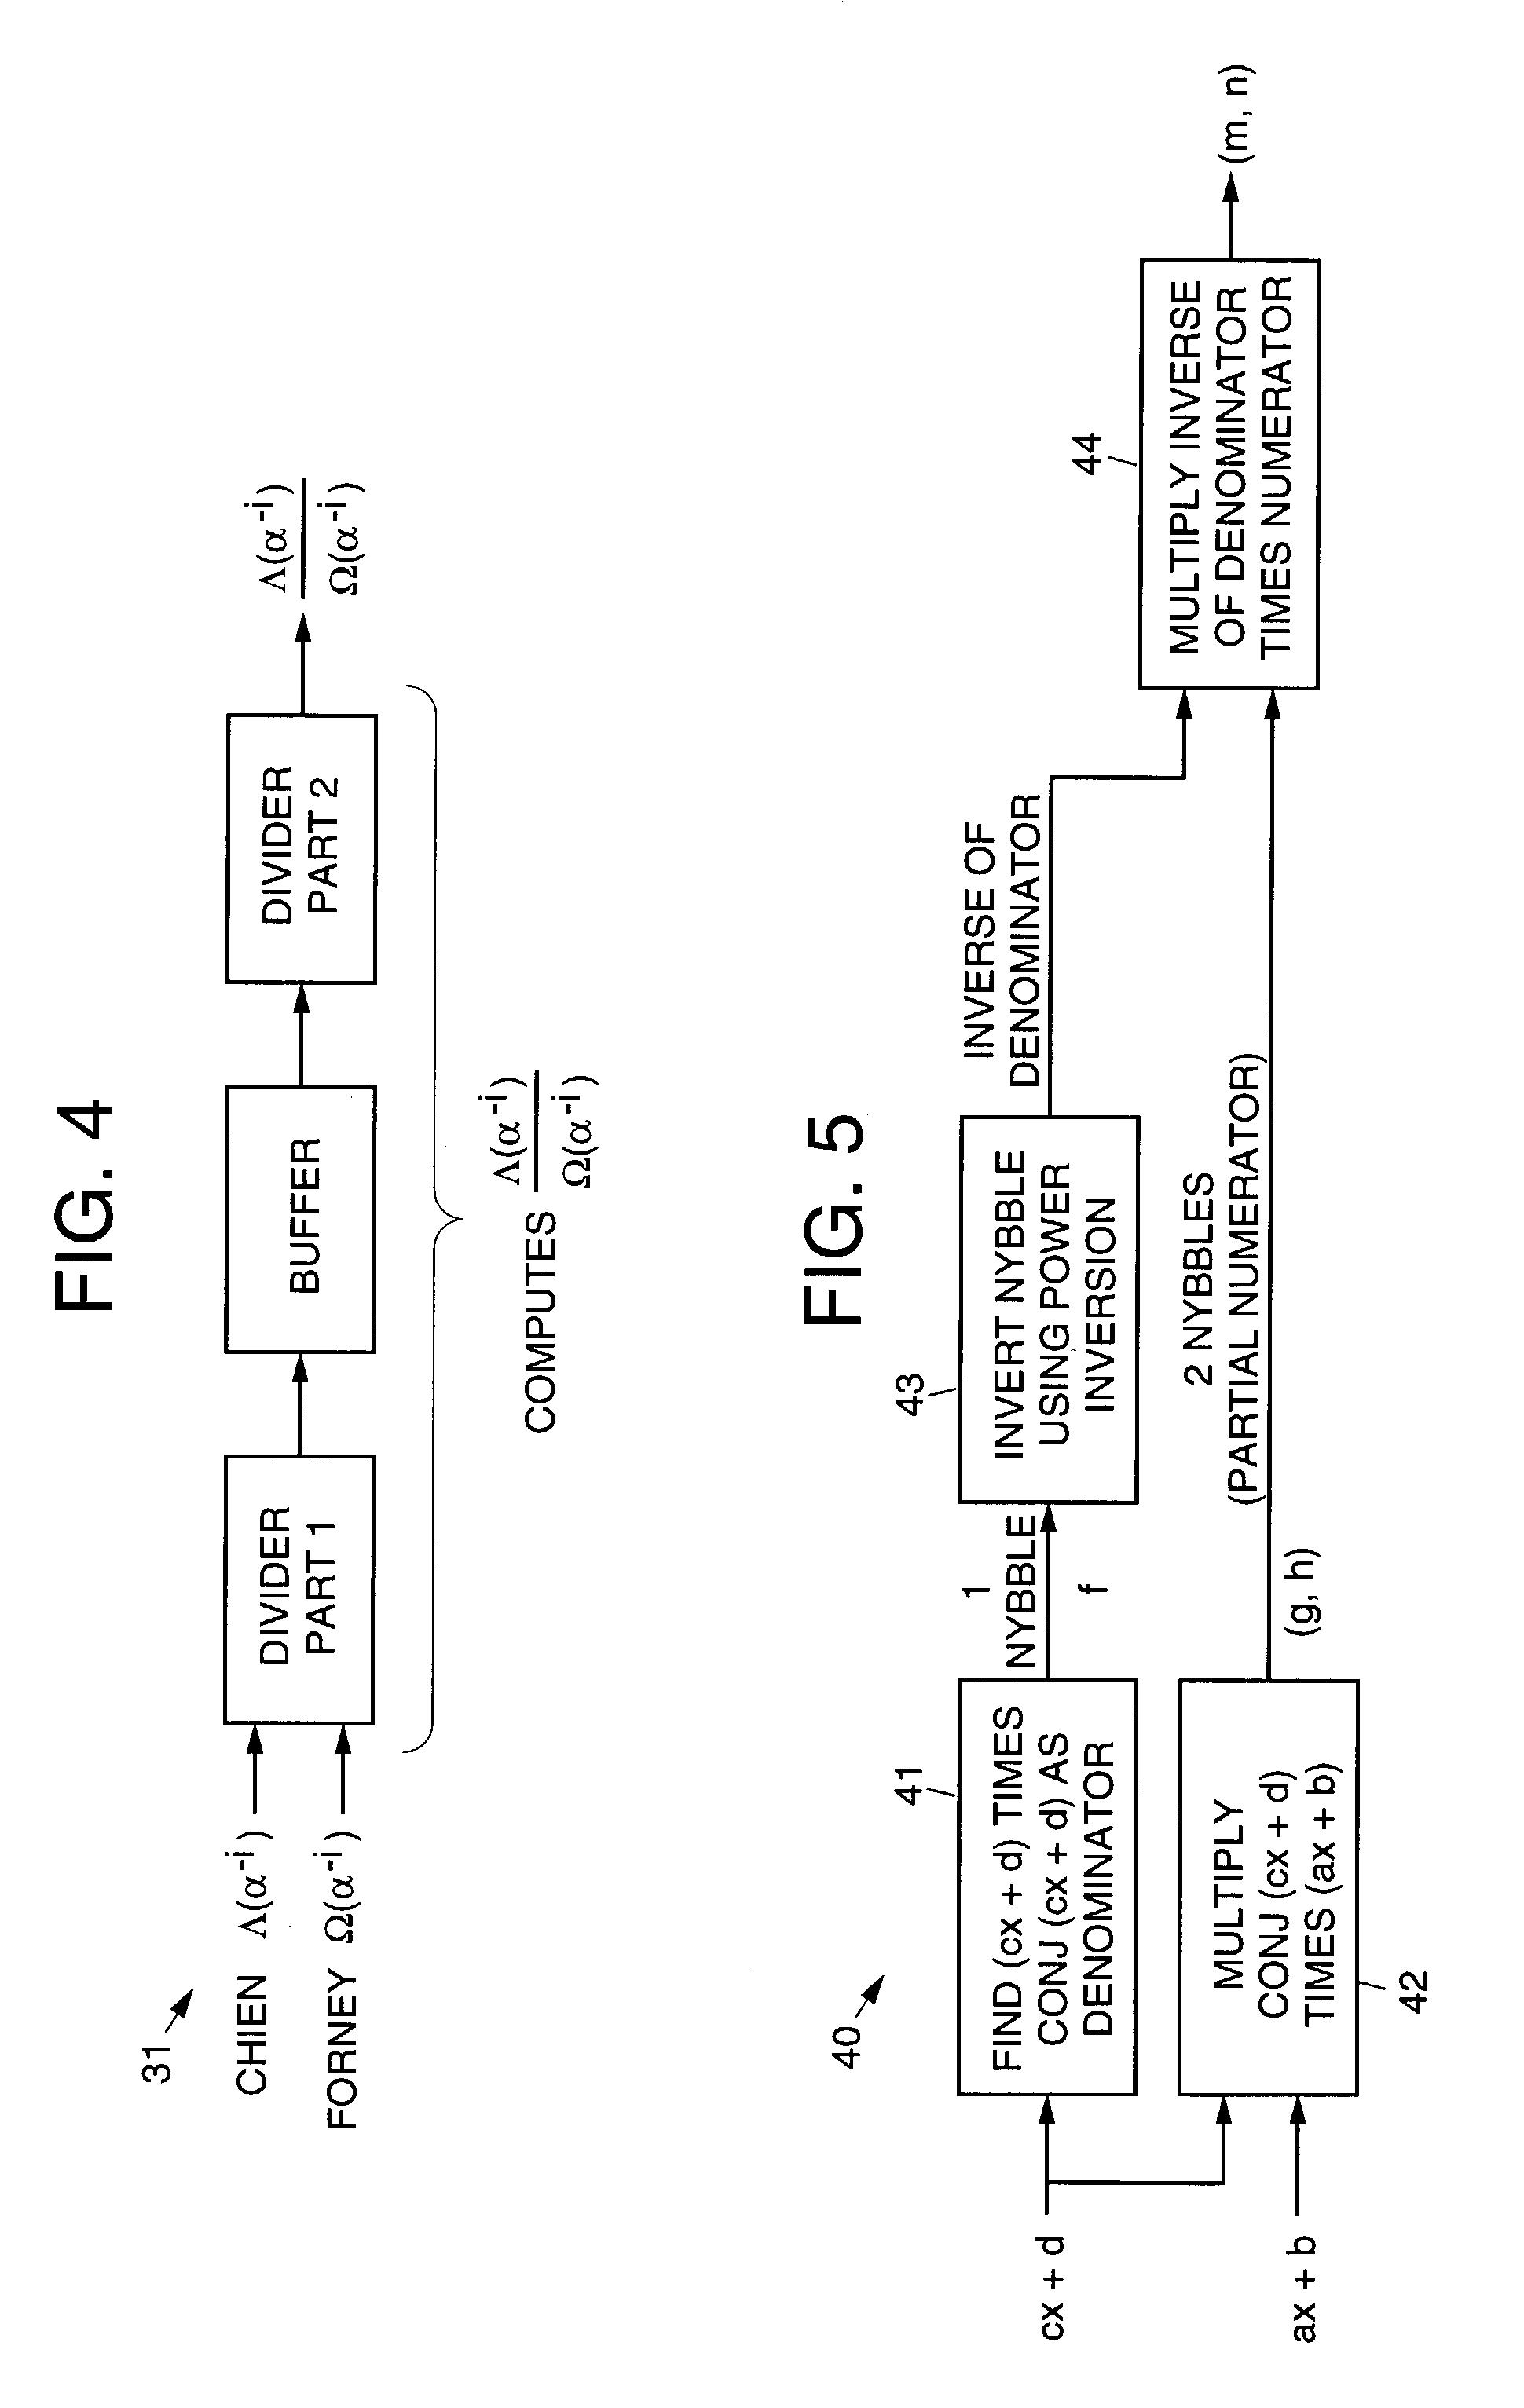 patent us7089276